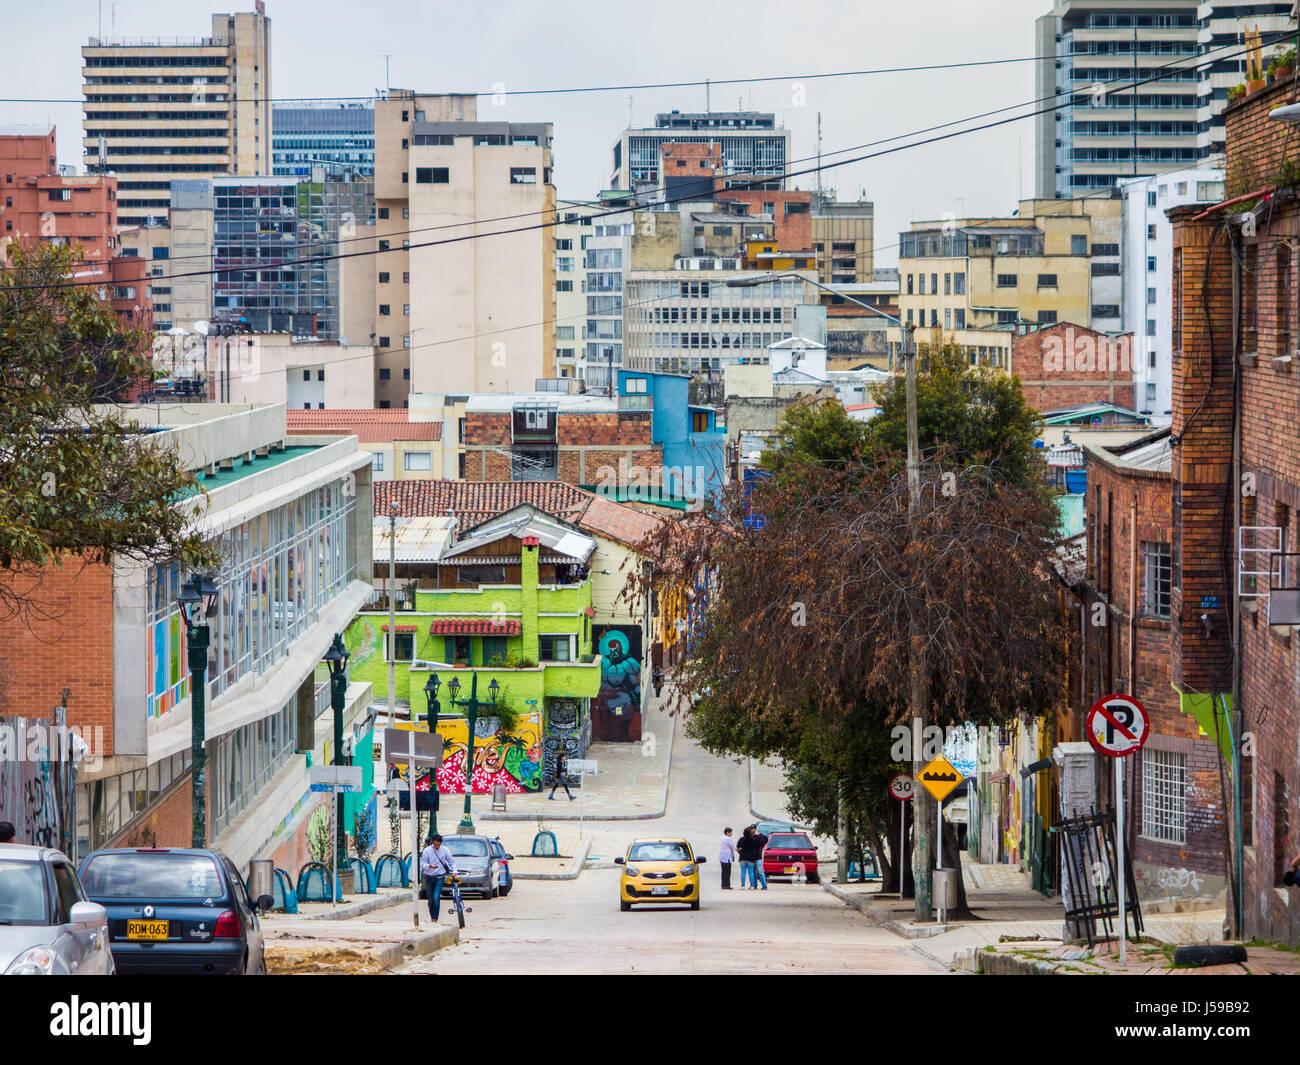 Un taxi rigidi fino alla collina in Candelaria, Bogotà, Colombia Immagini Stock